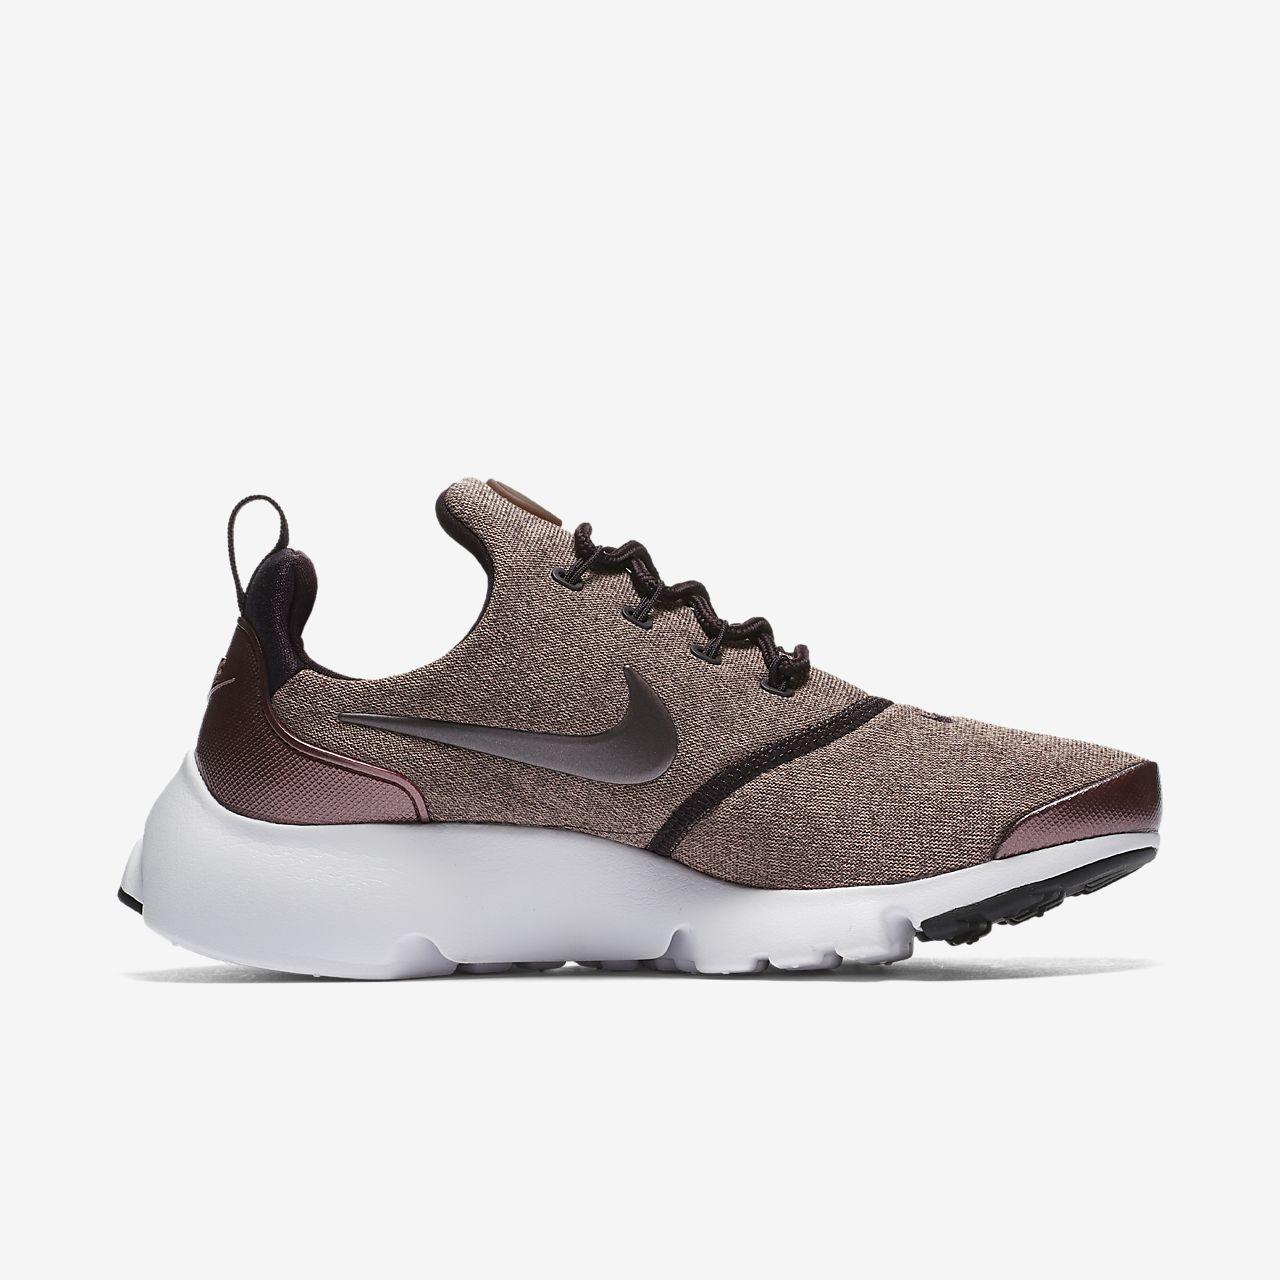 Nike Presto Mouche - Gris / Blanc / Noir Yqw9UK5X0i